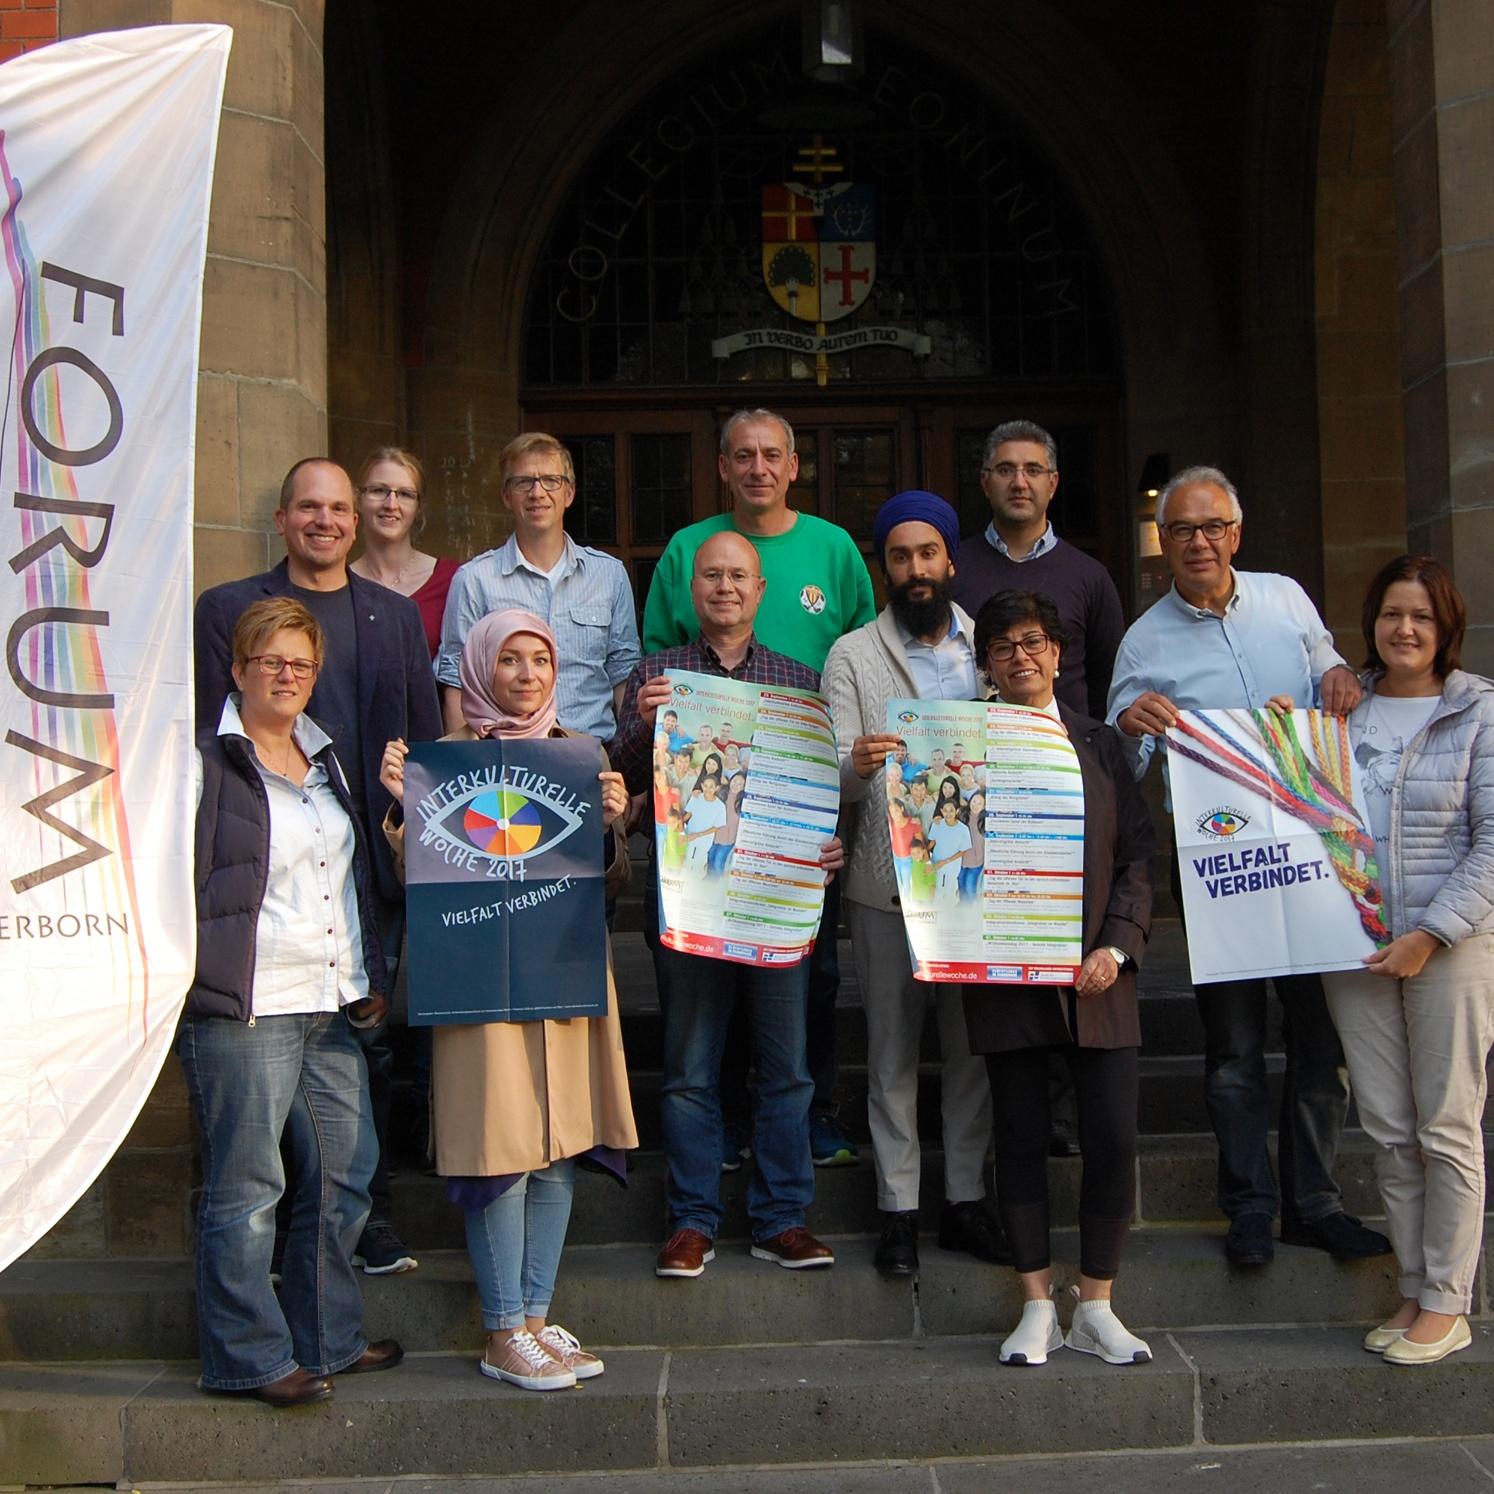 Interkulturelle Woche vom 23. September bis 7. Oktober Forum der Religionen Paderborn: Vielfalt verbindet